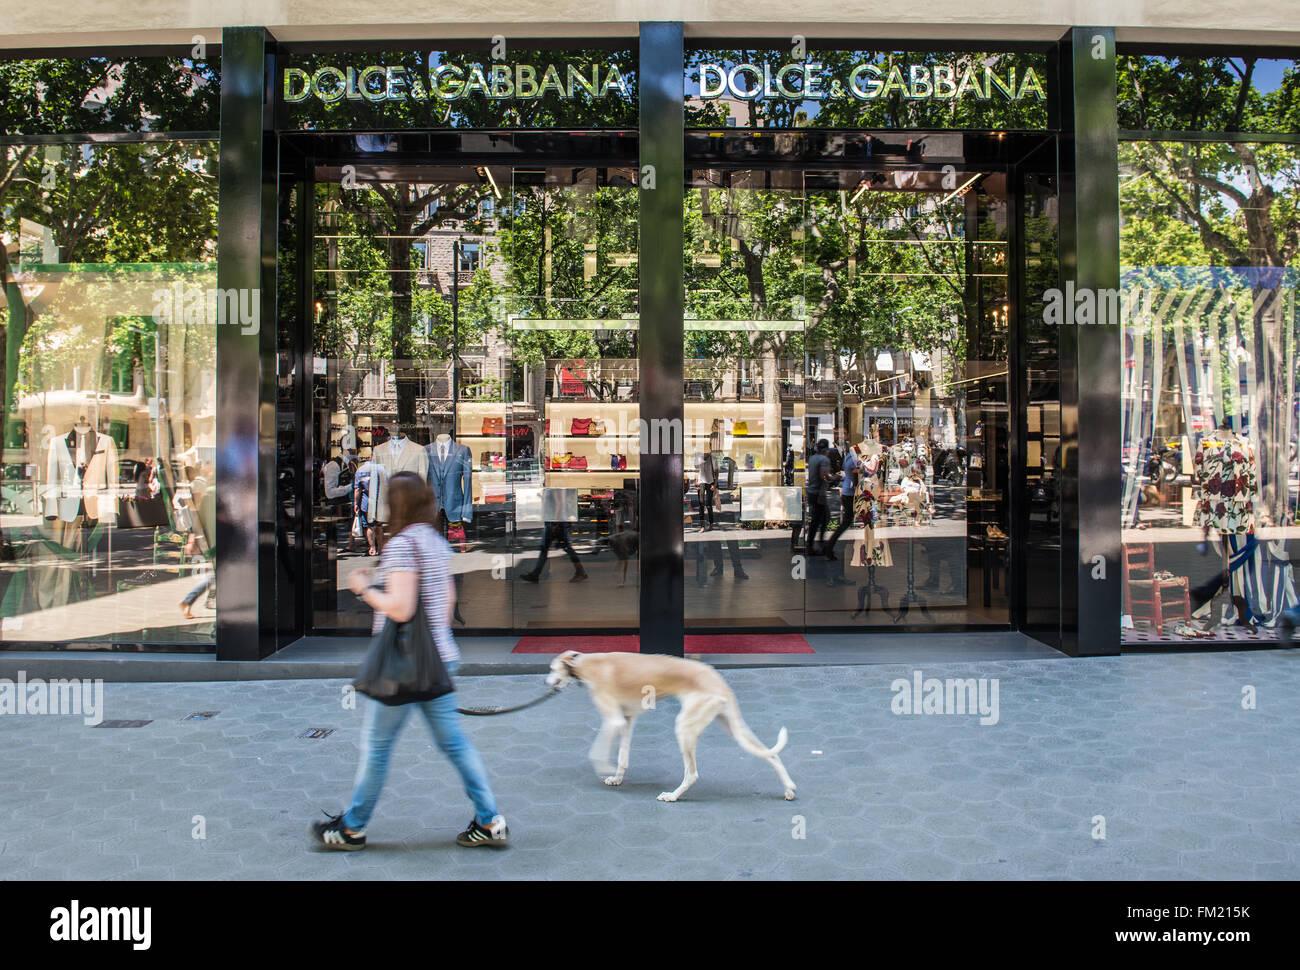 Dolce & Gabbana store at Passeig de Gracia avenue in Barcelona, Spain - Stock Image